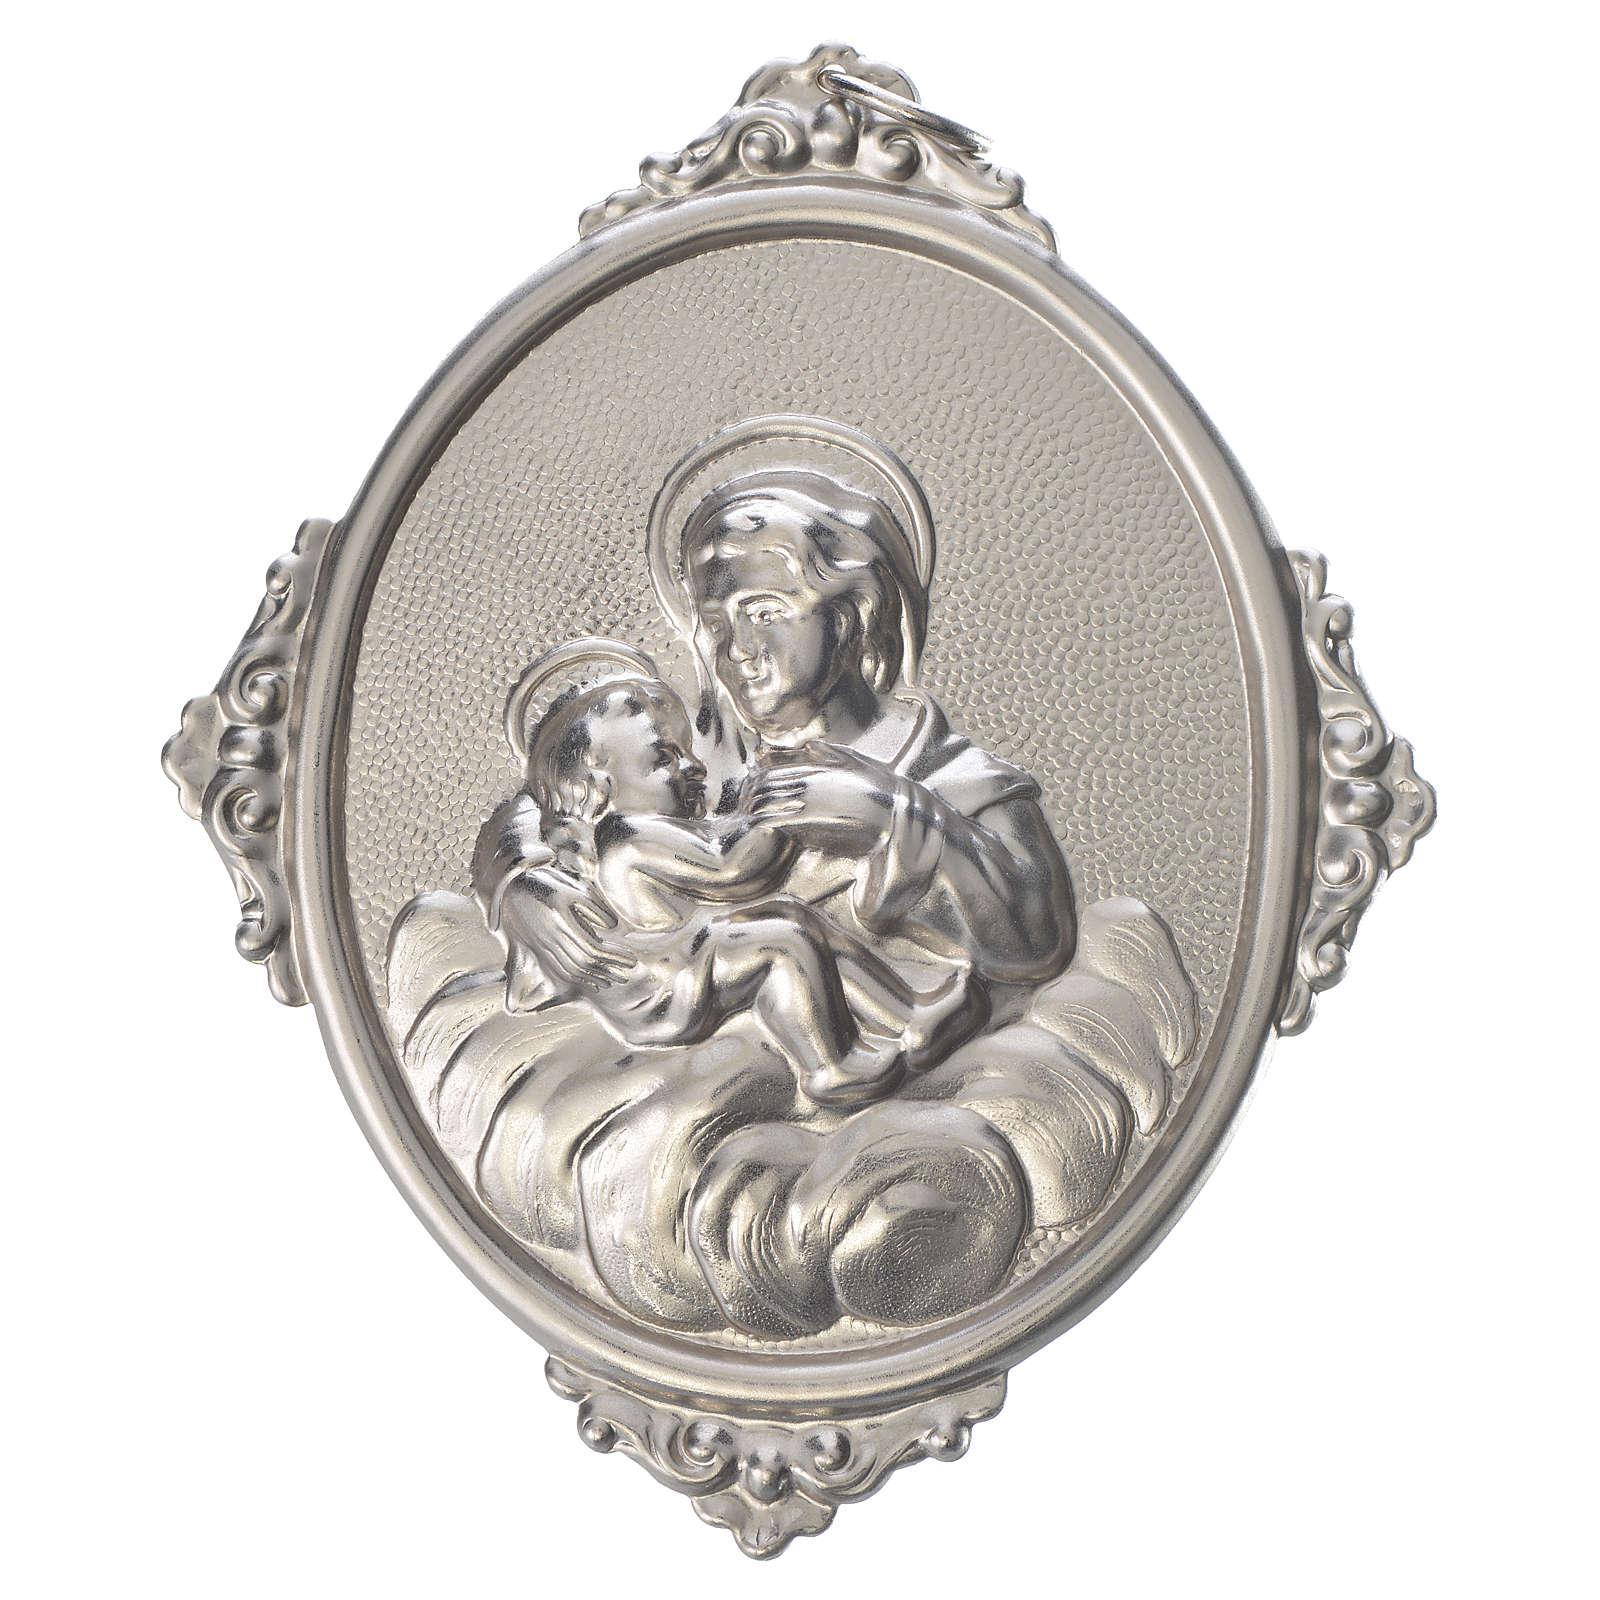 Medalla cofradía Virgen de Gracias metal 3